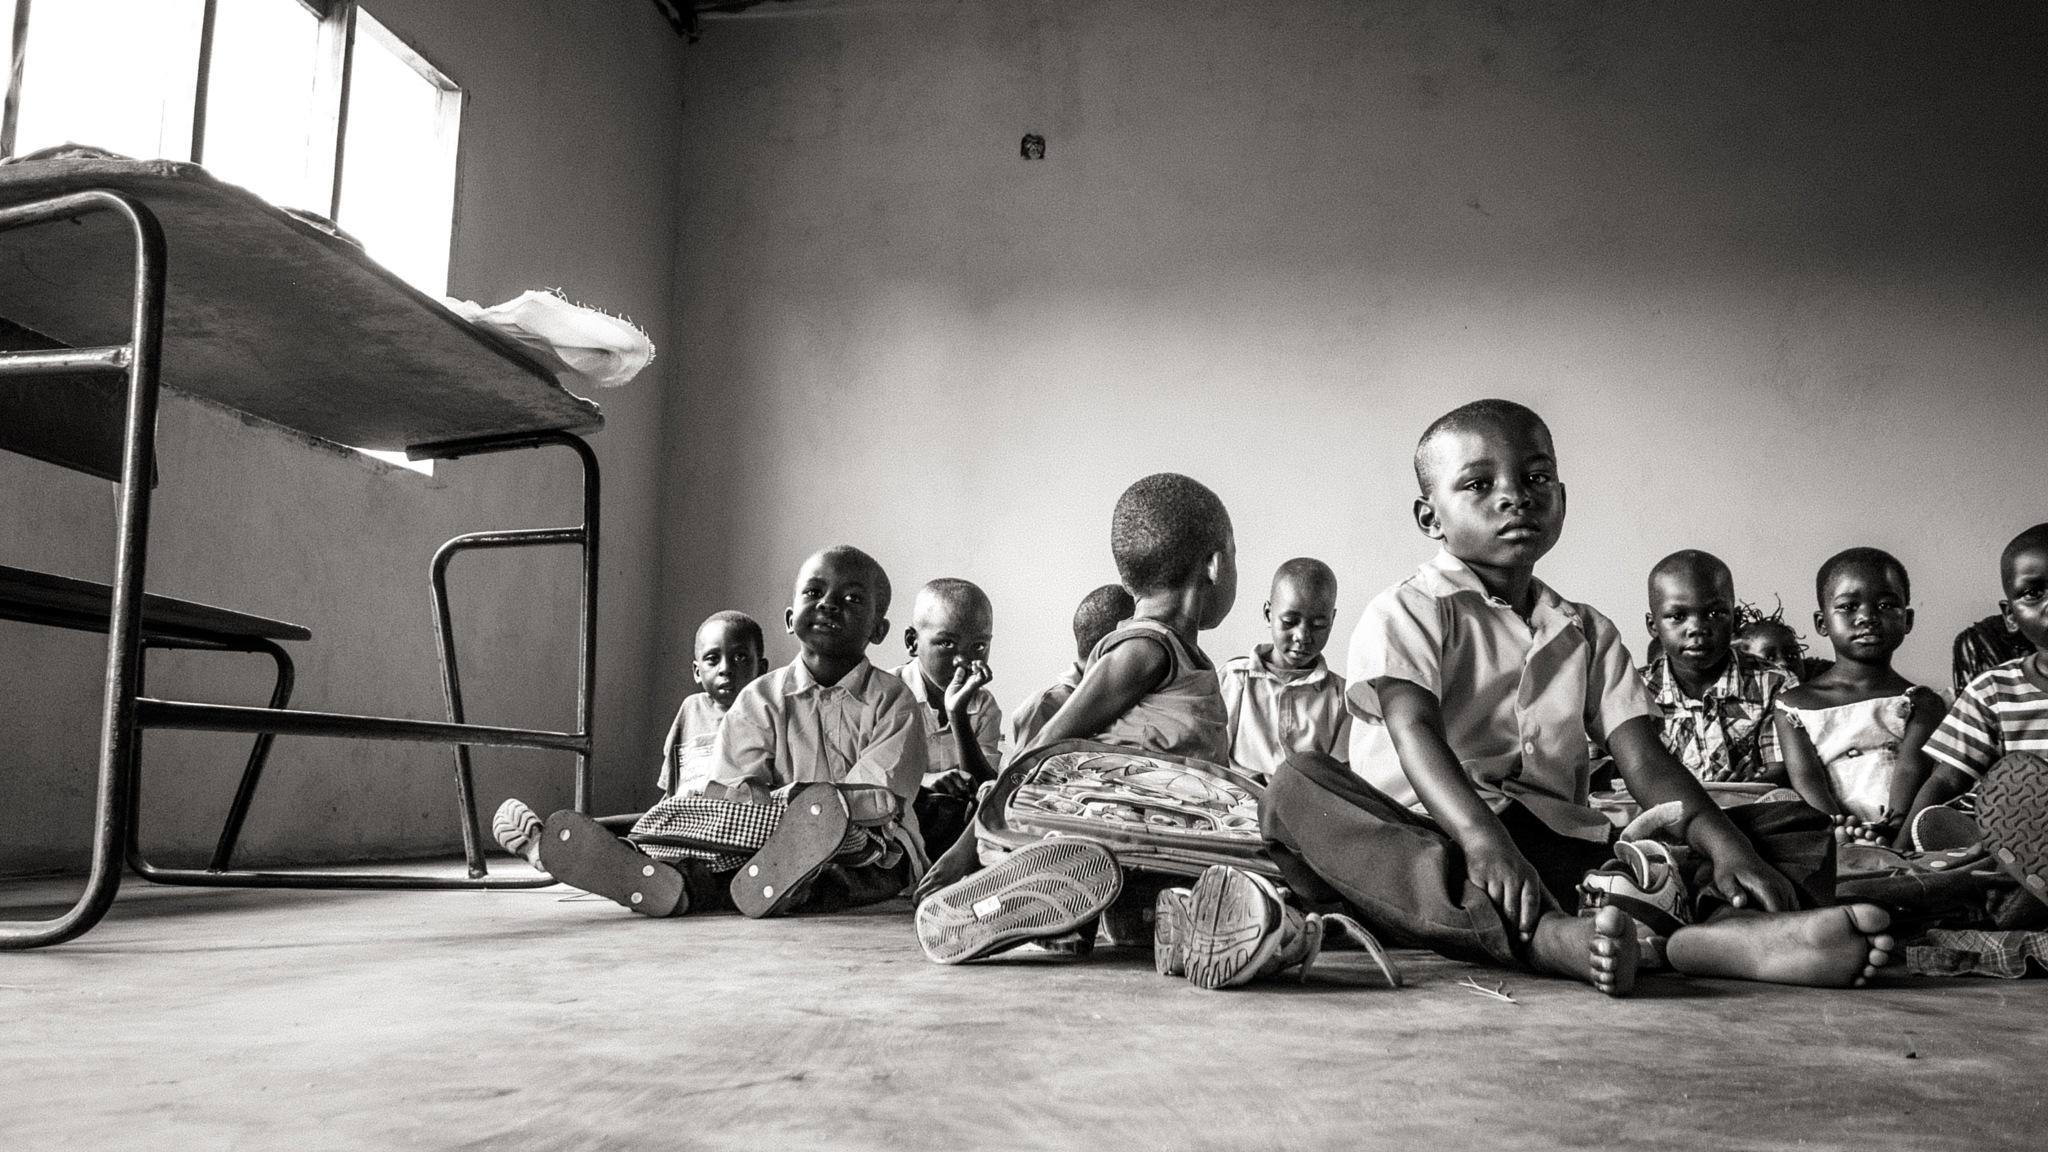 No chairs for school boys by Sean Braff